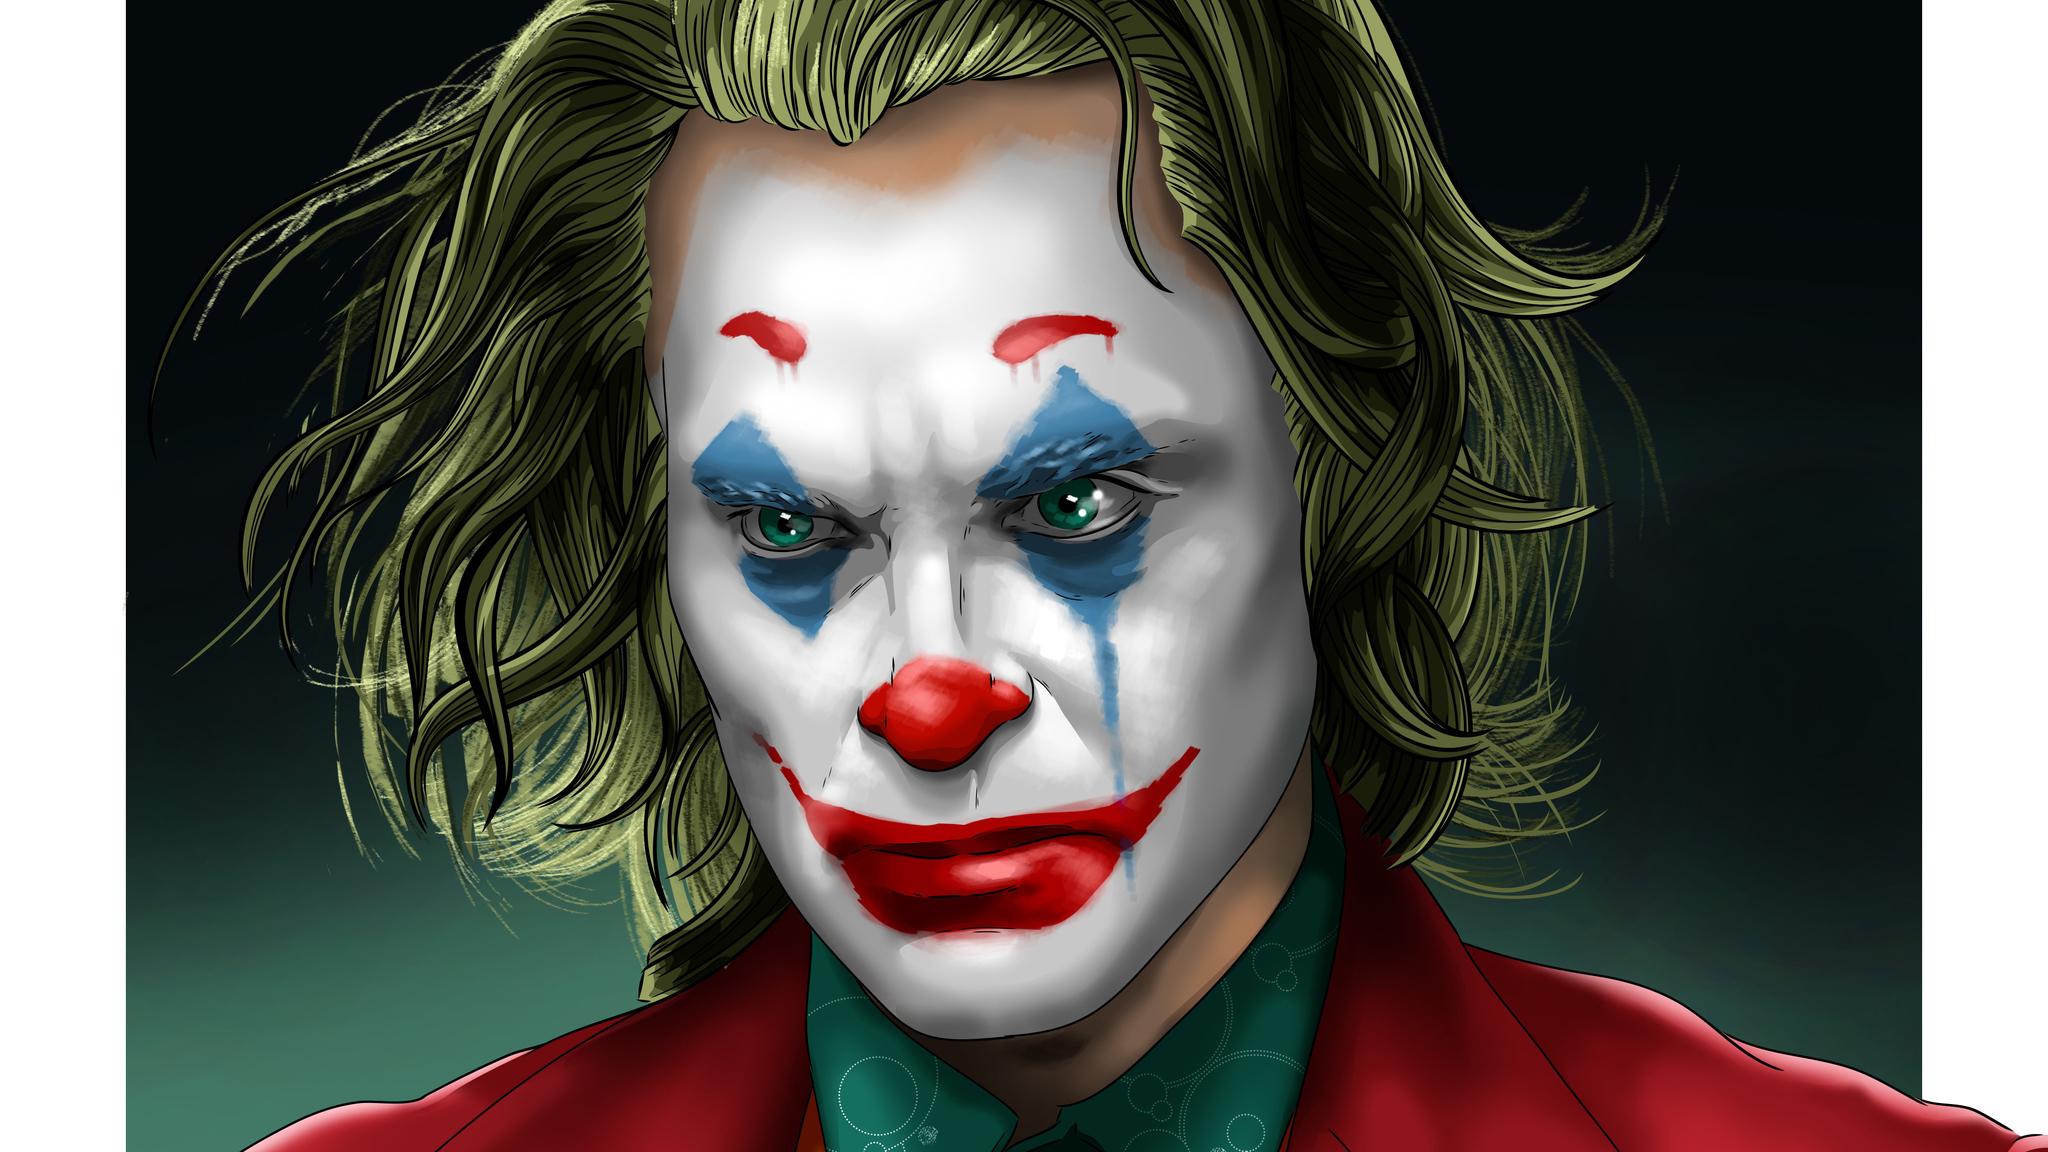 joker-artwork-4k-new-2020-p6.jpg